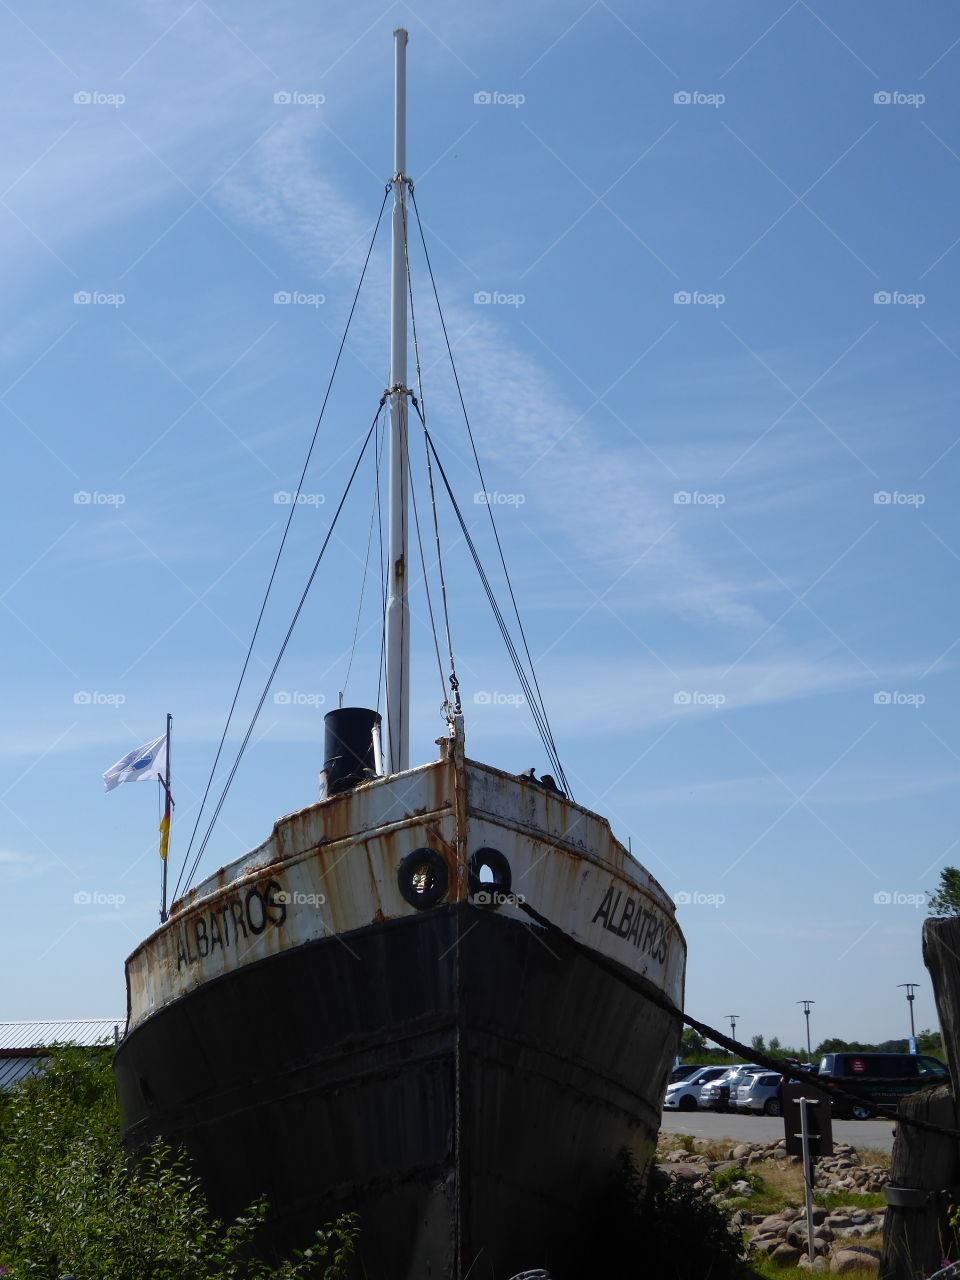 Museum ship Albatros - Damp S-H Germany